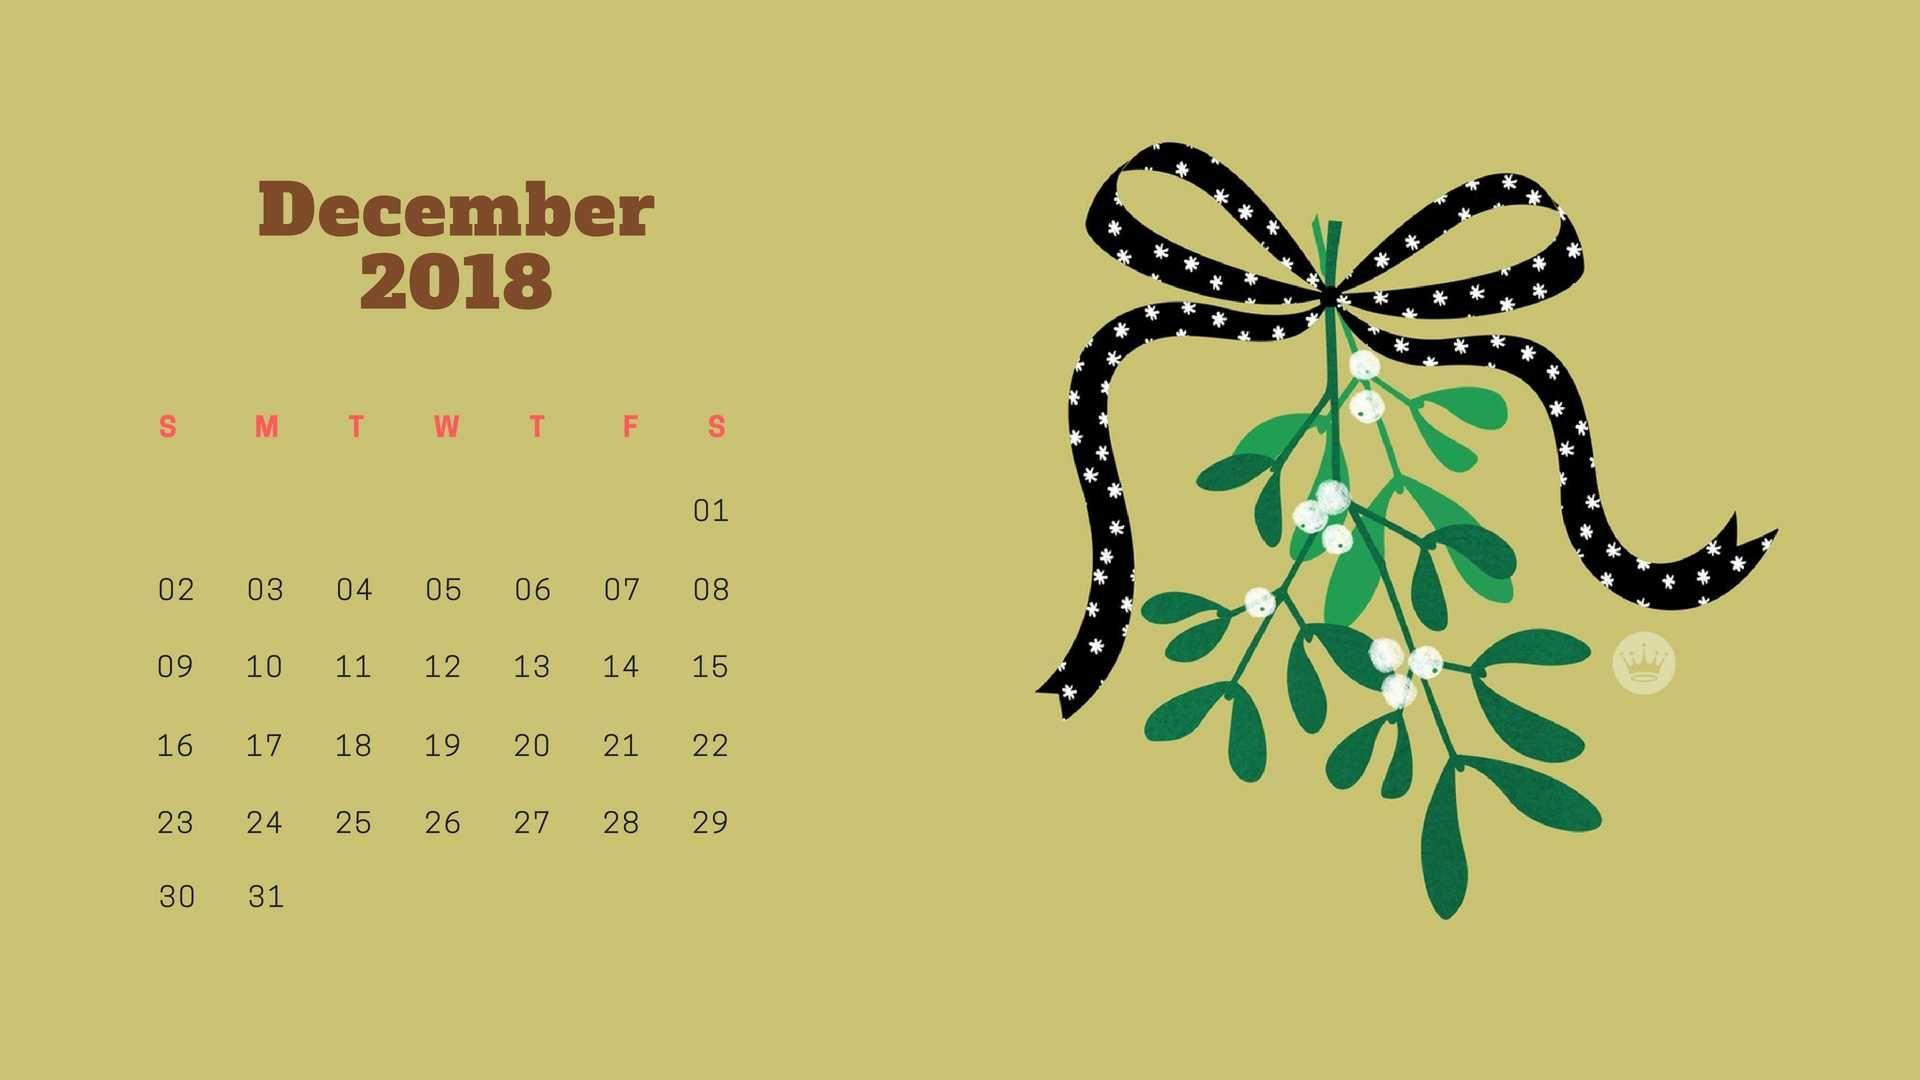 Sweet December 2018 Calendar Wallpaper Background Hd Desktop Screen